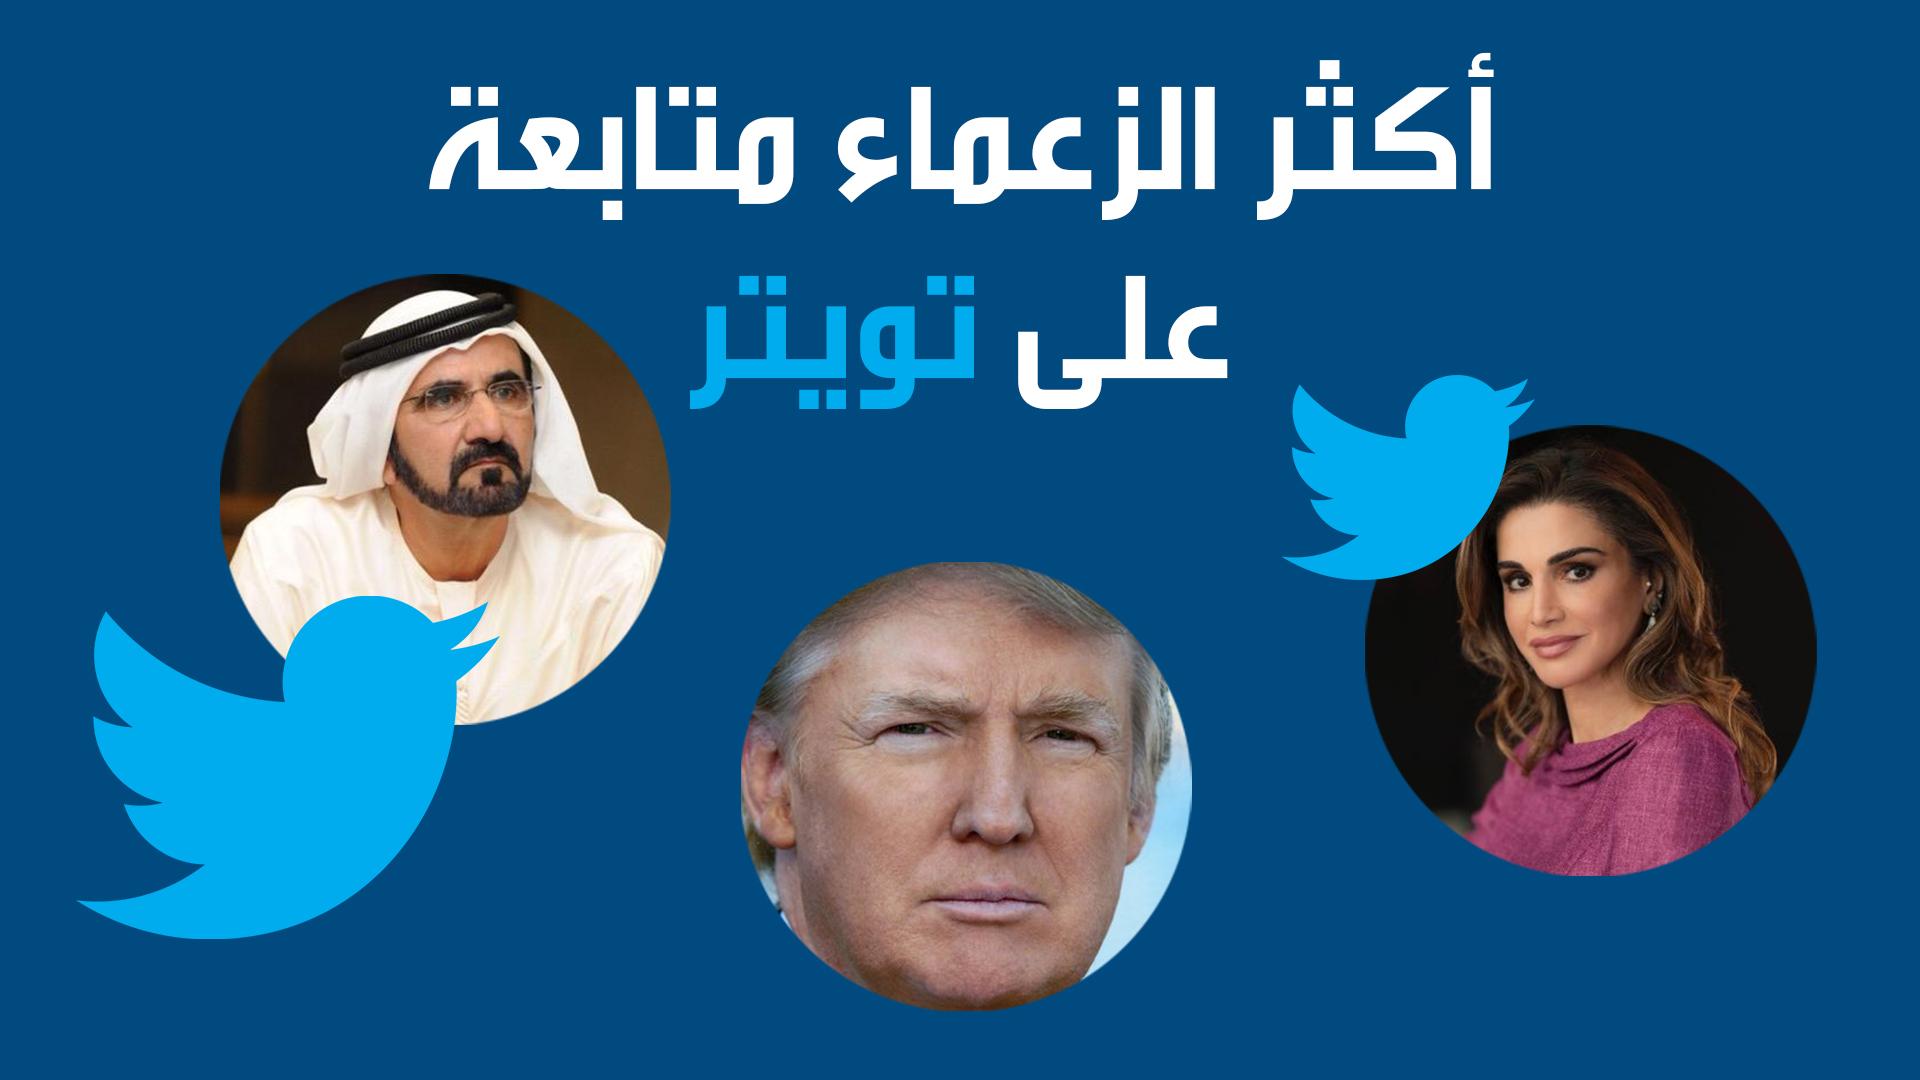 أكثر الزعماء متابعة على تويتر